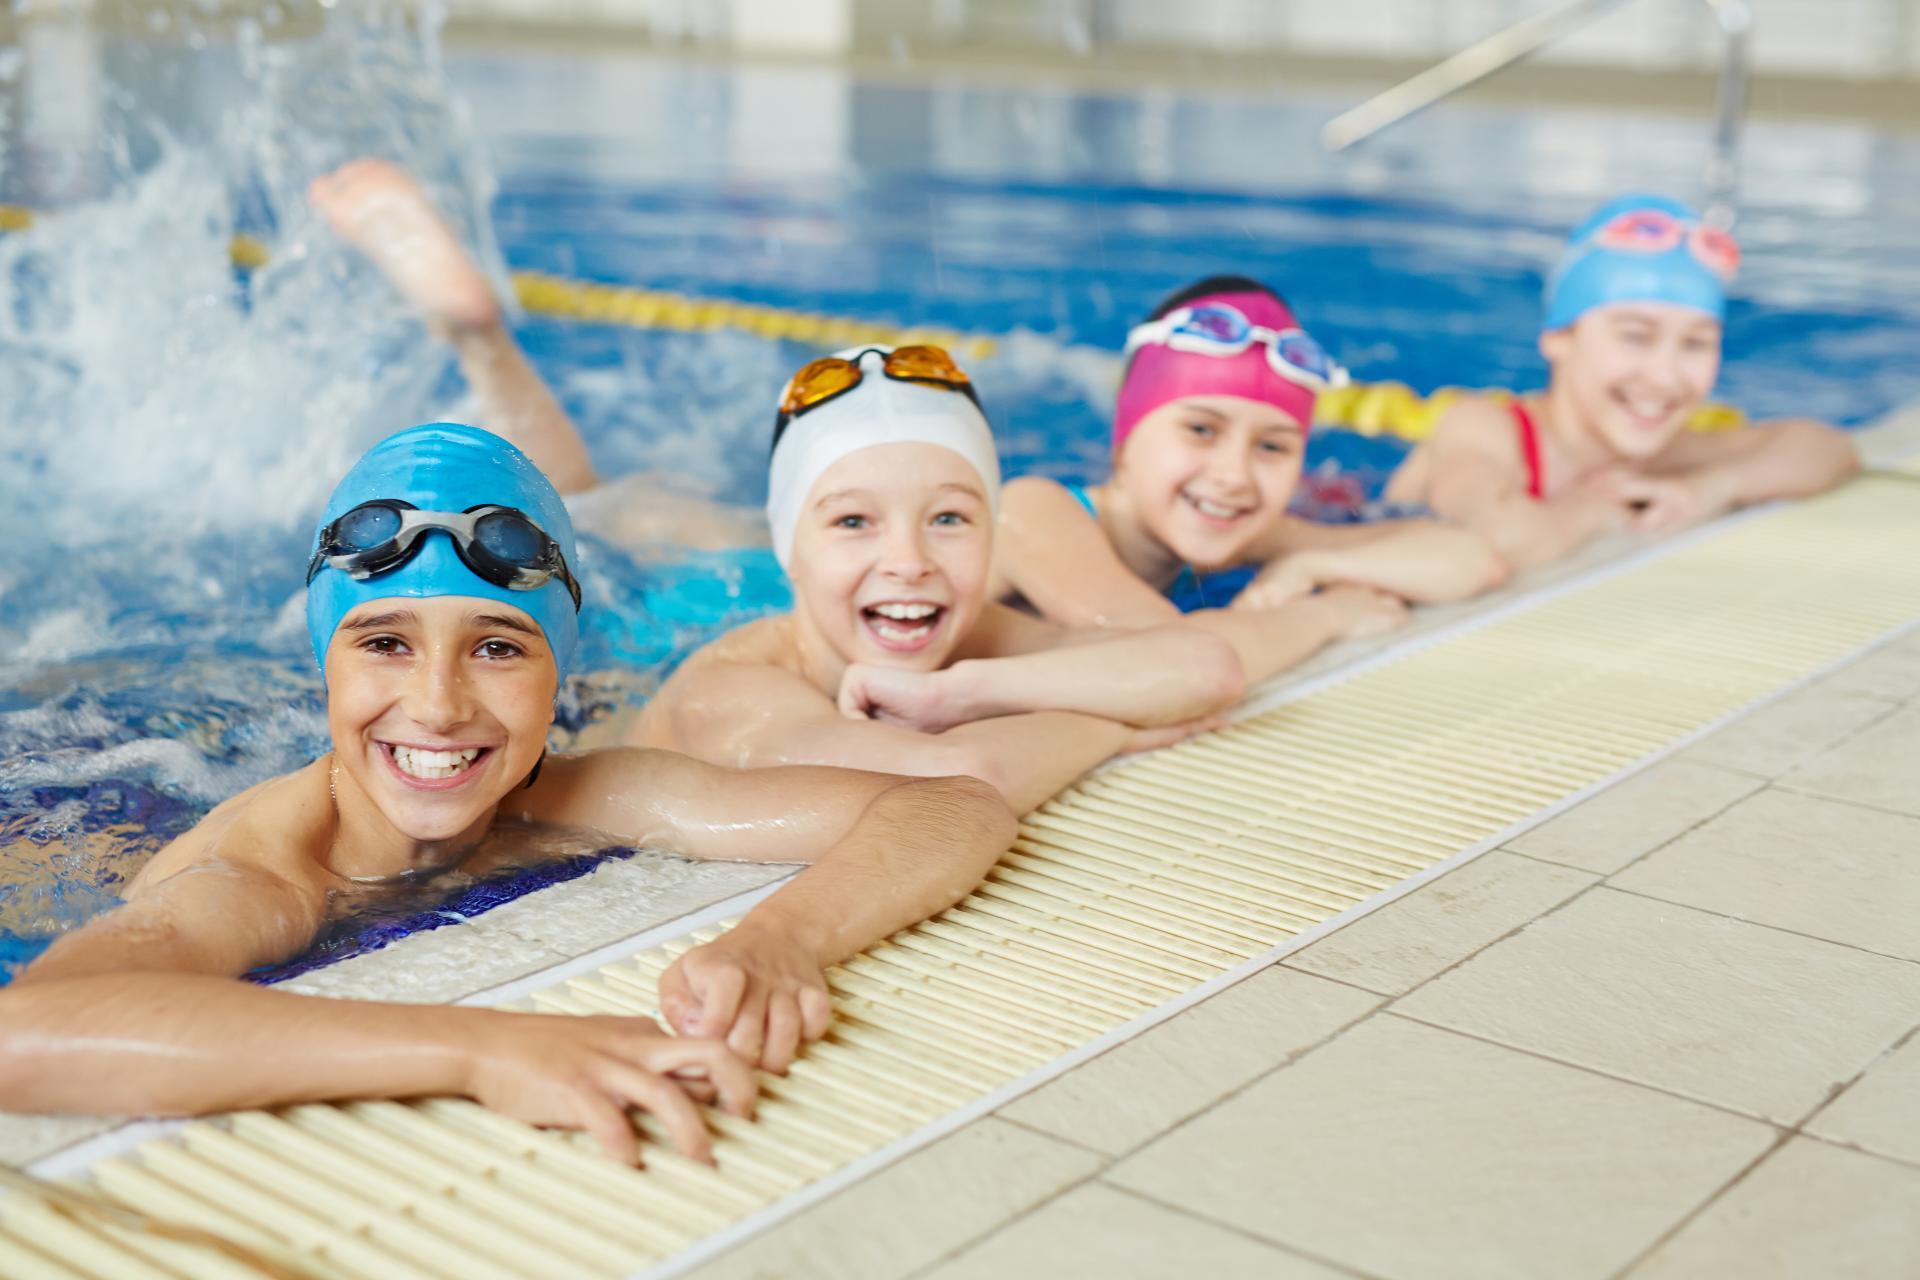 Quatre enfants souriants sont appuyés sur le bord du bassin d'une piscine